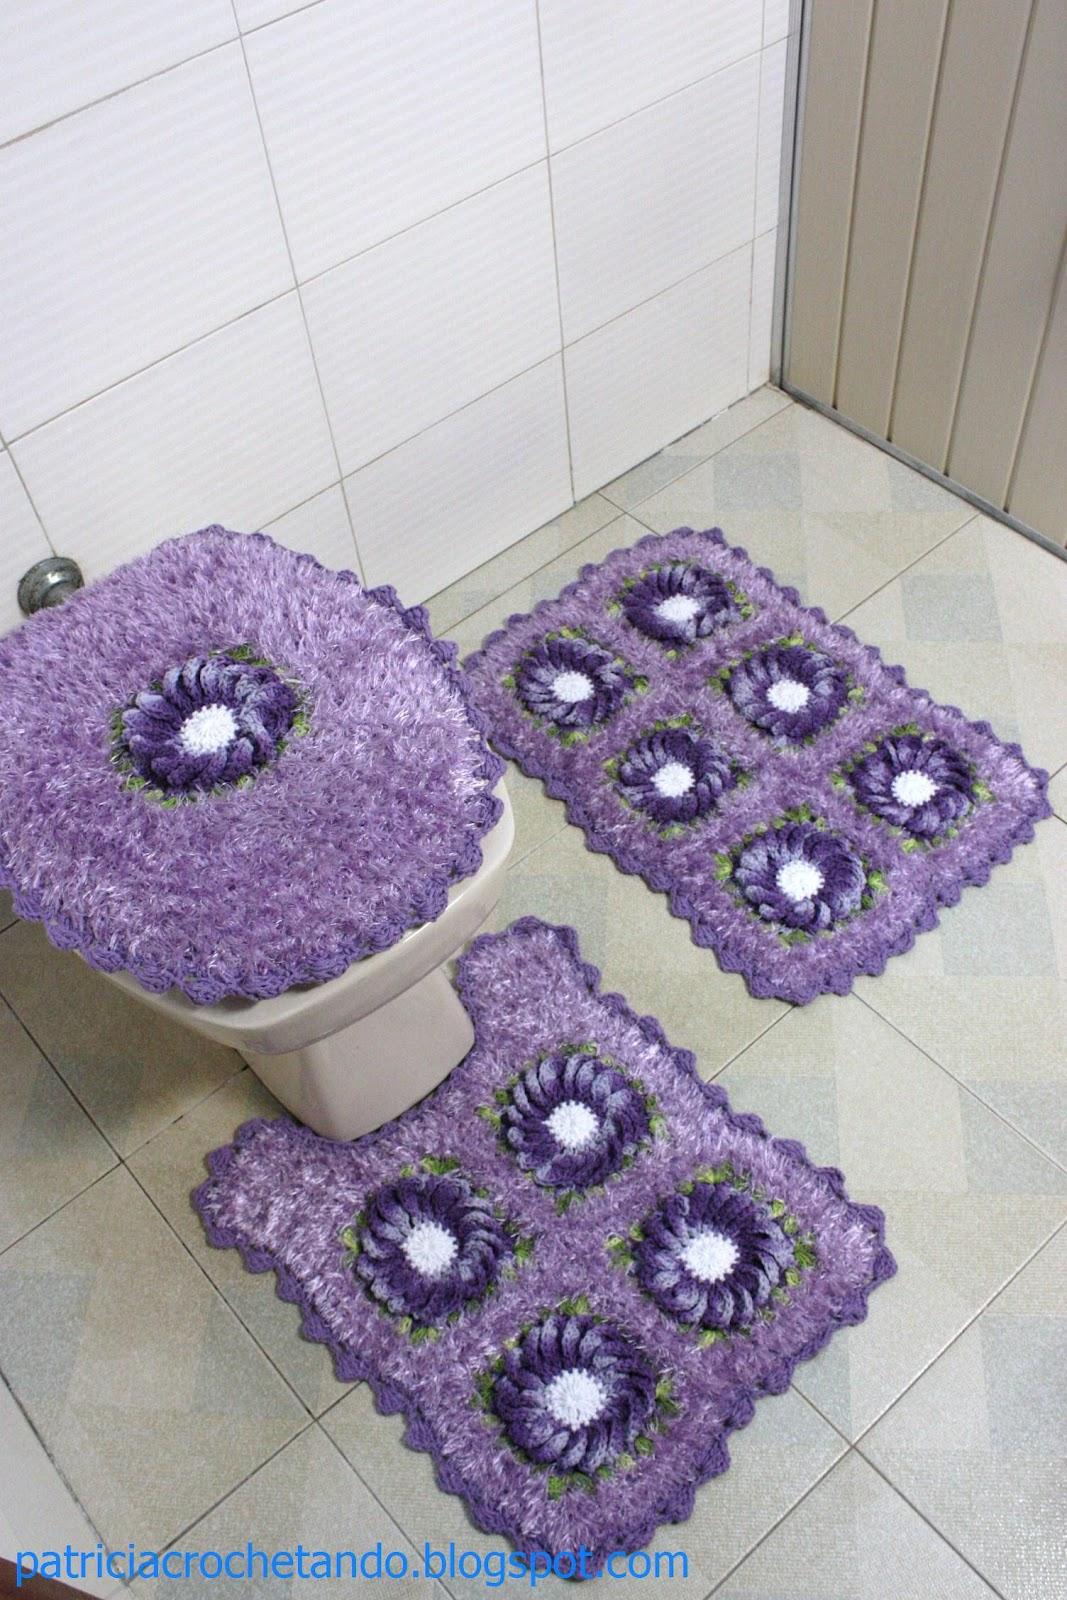 patricia crochetando: jogo de banheiro com felpudinho Americana #624883 1067x1600 Balança De Banheiro Americanas